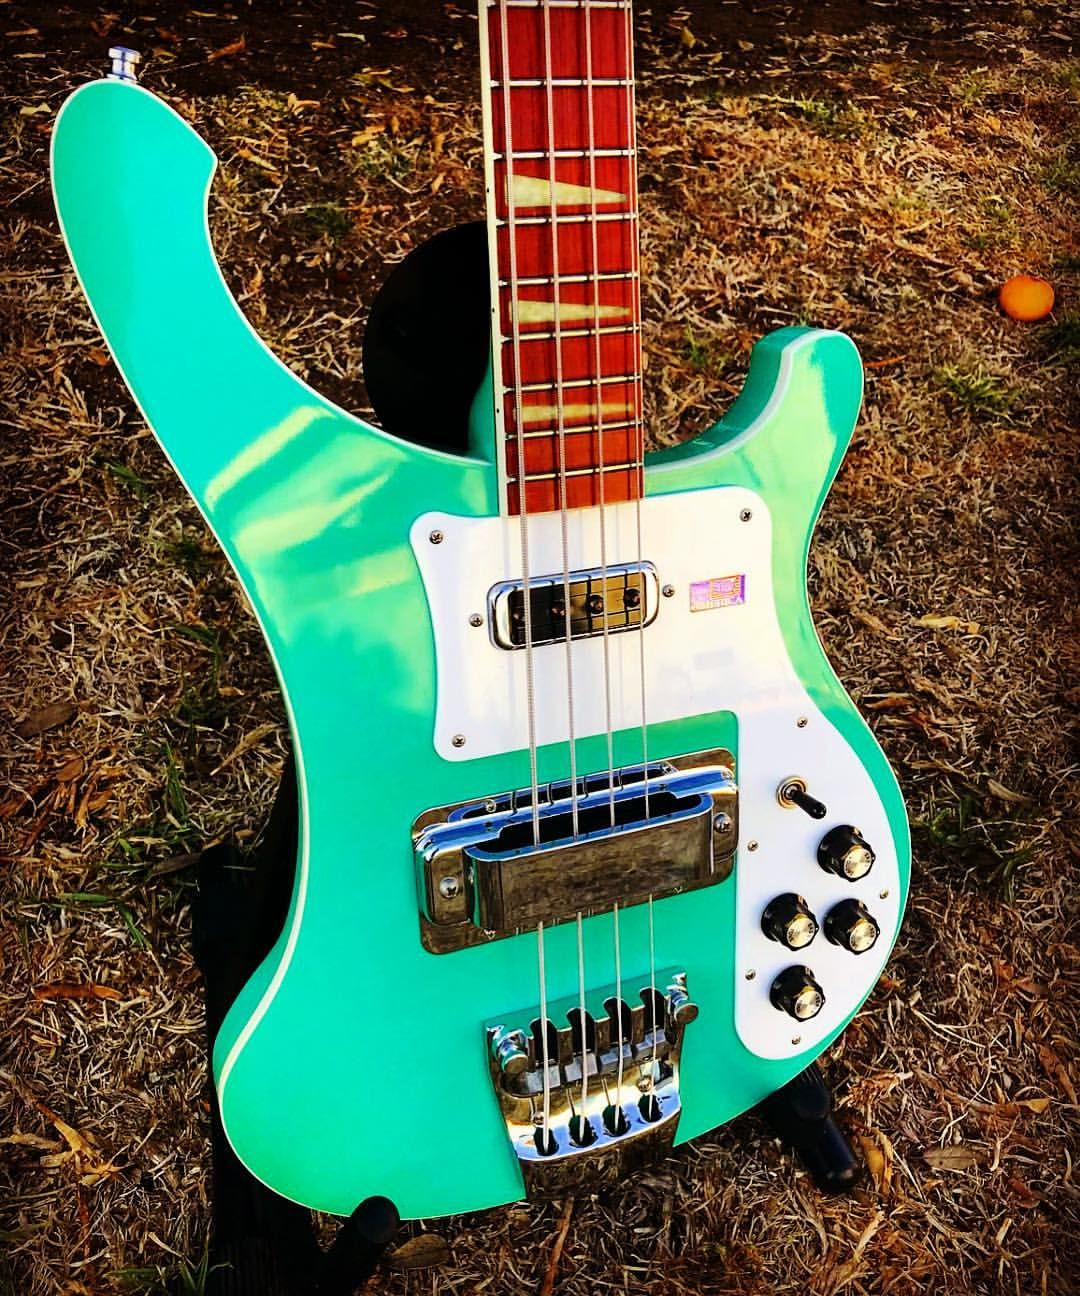 medium resolution of bass player magazine a rare rickenbacker 4003 in surf green orangeforscale bassgram instabass bassporn bassplayer bassplayermag